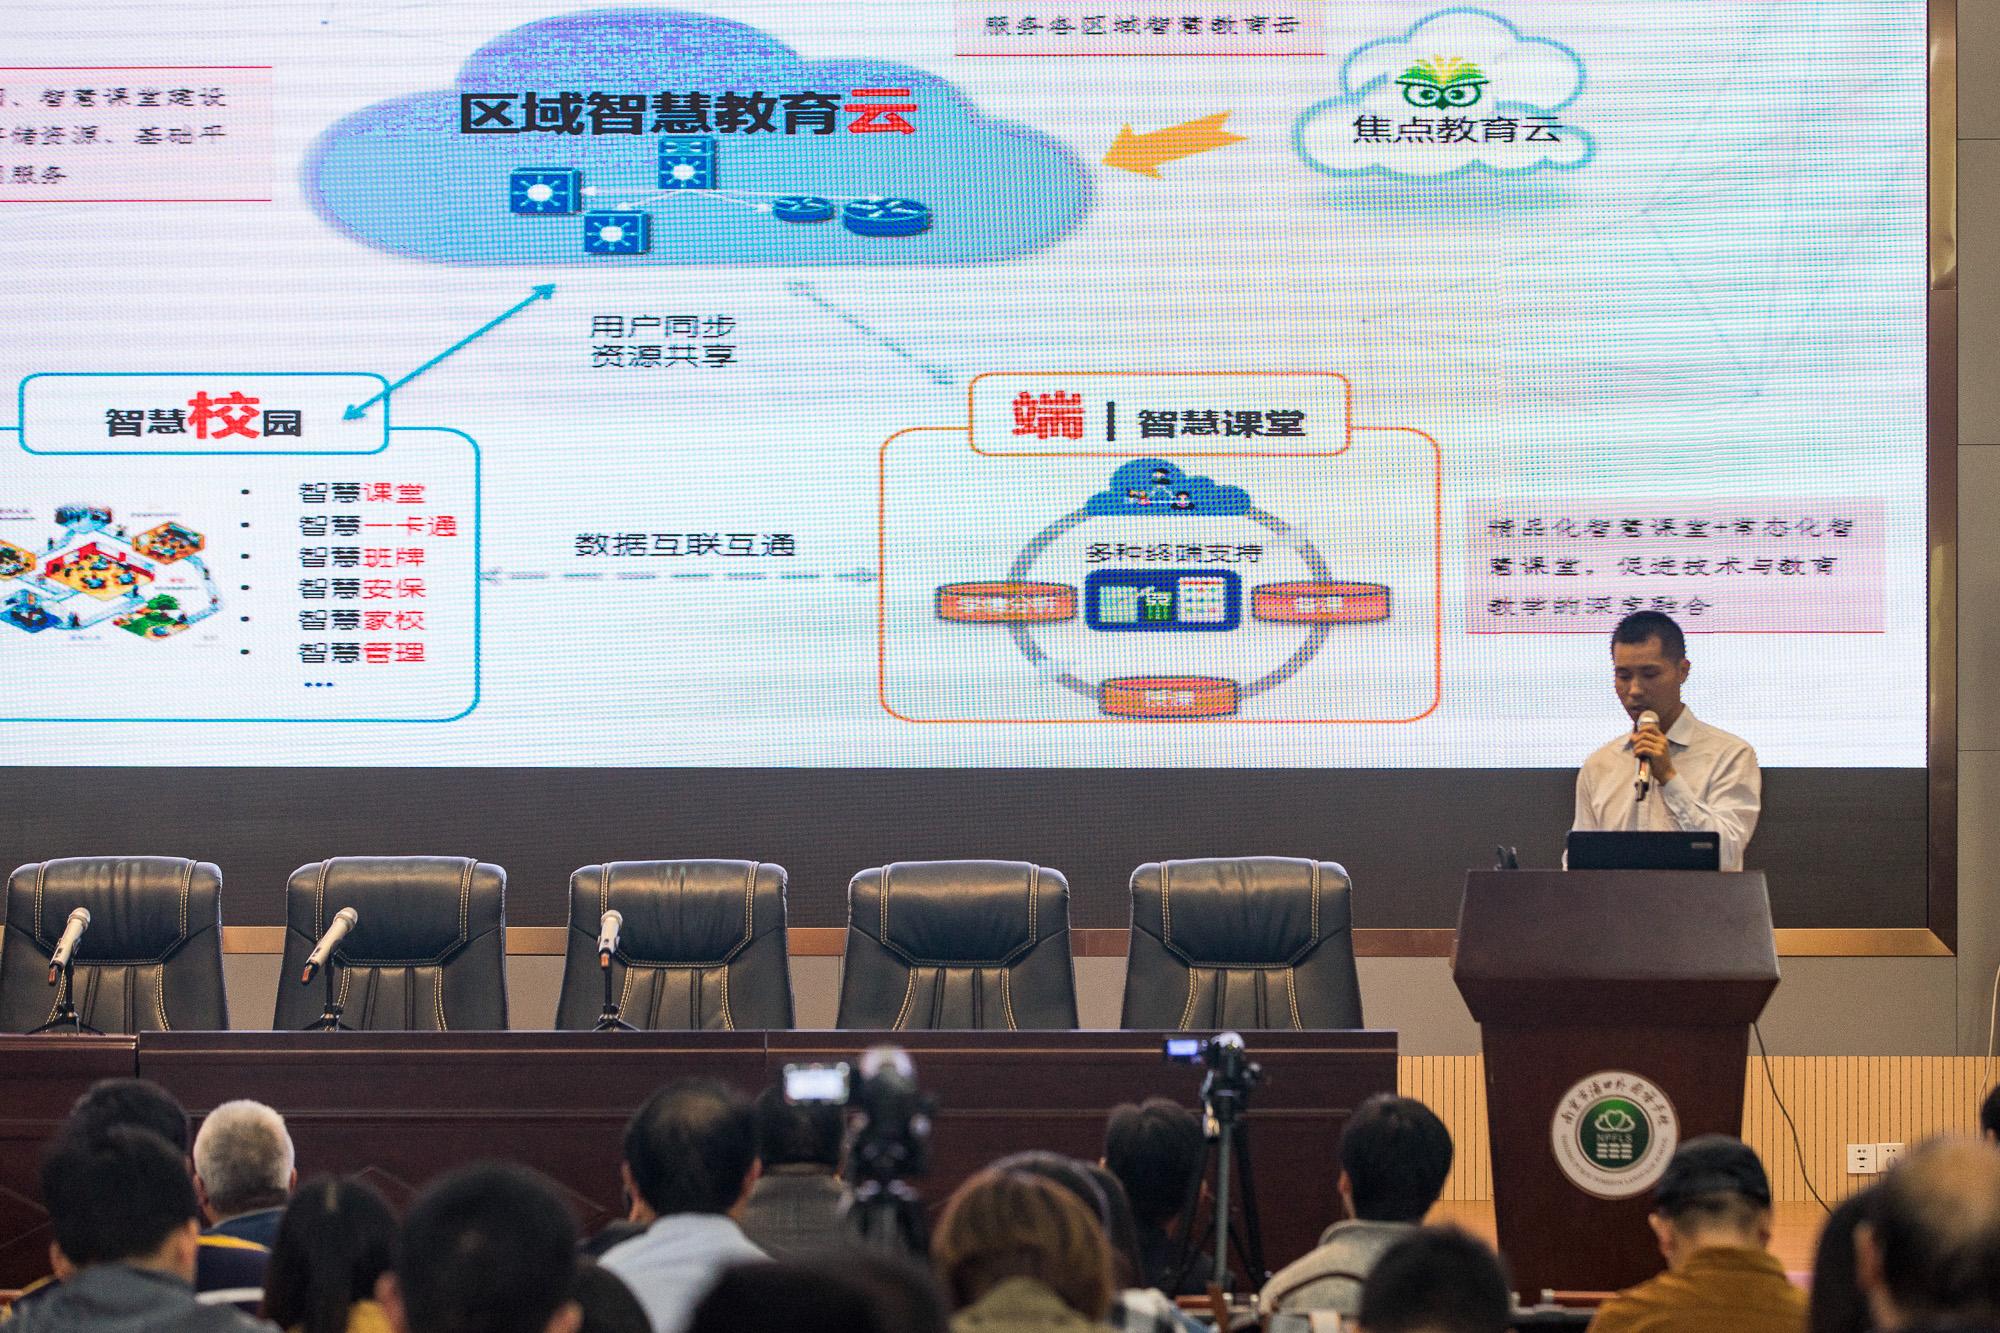 焦点教育科技有限公司南京大区总监曹志敏